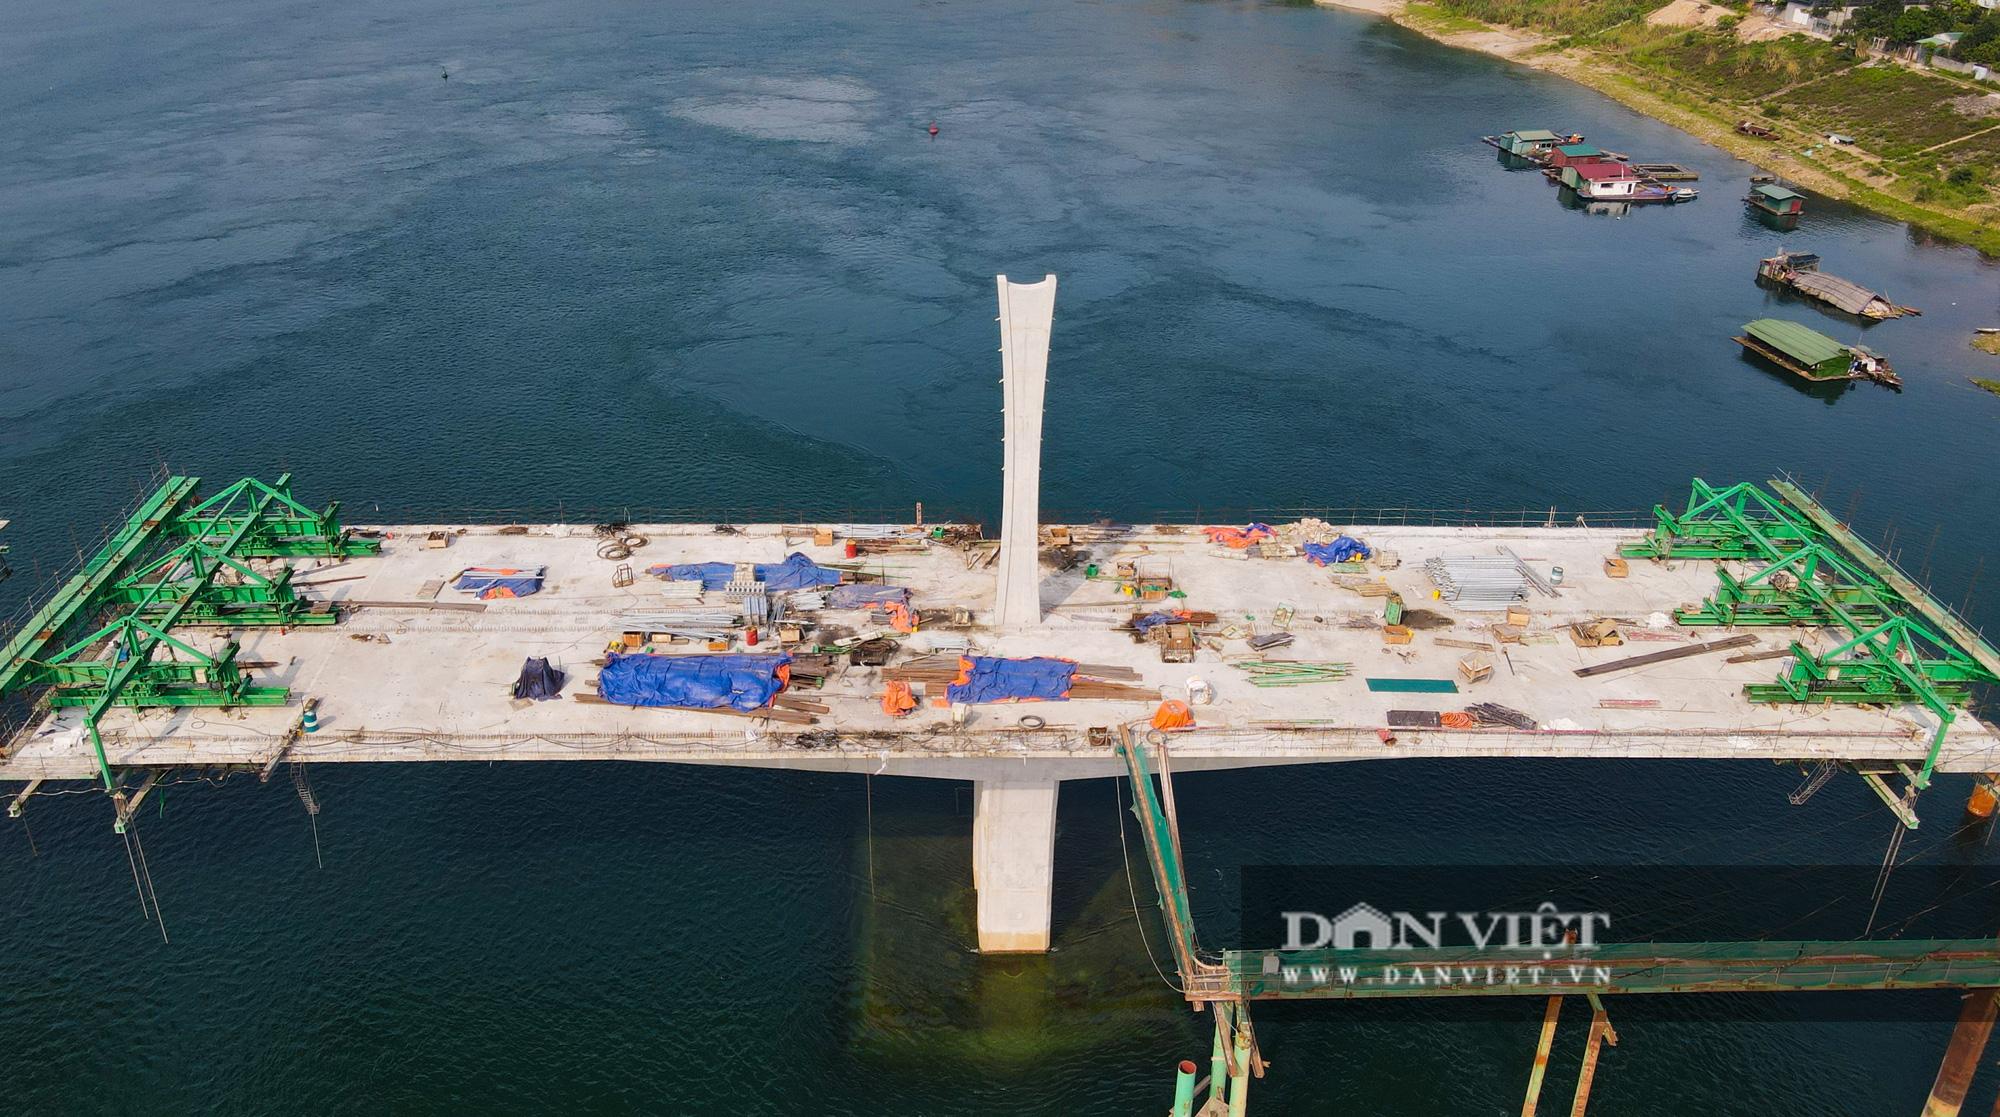 Toàn cảnh cây cầu Hoà Bình 2 trị giá gần 600 tỷ bắc qua sông Đà - Ảnh 8.